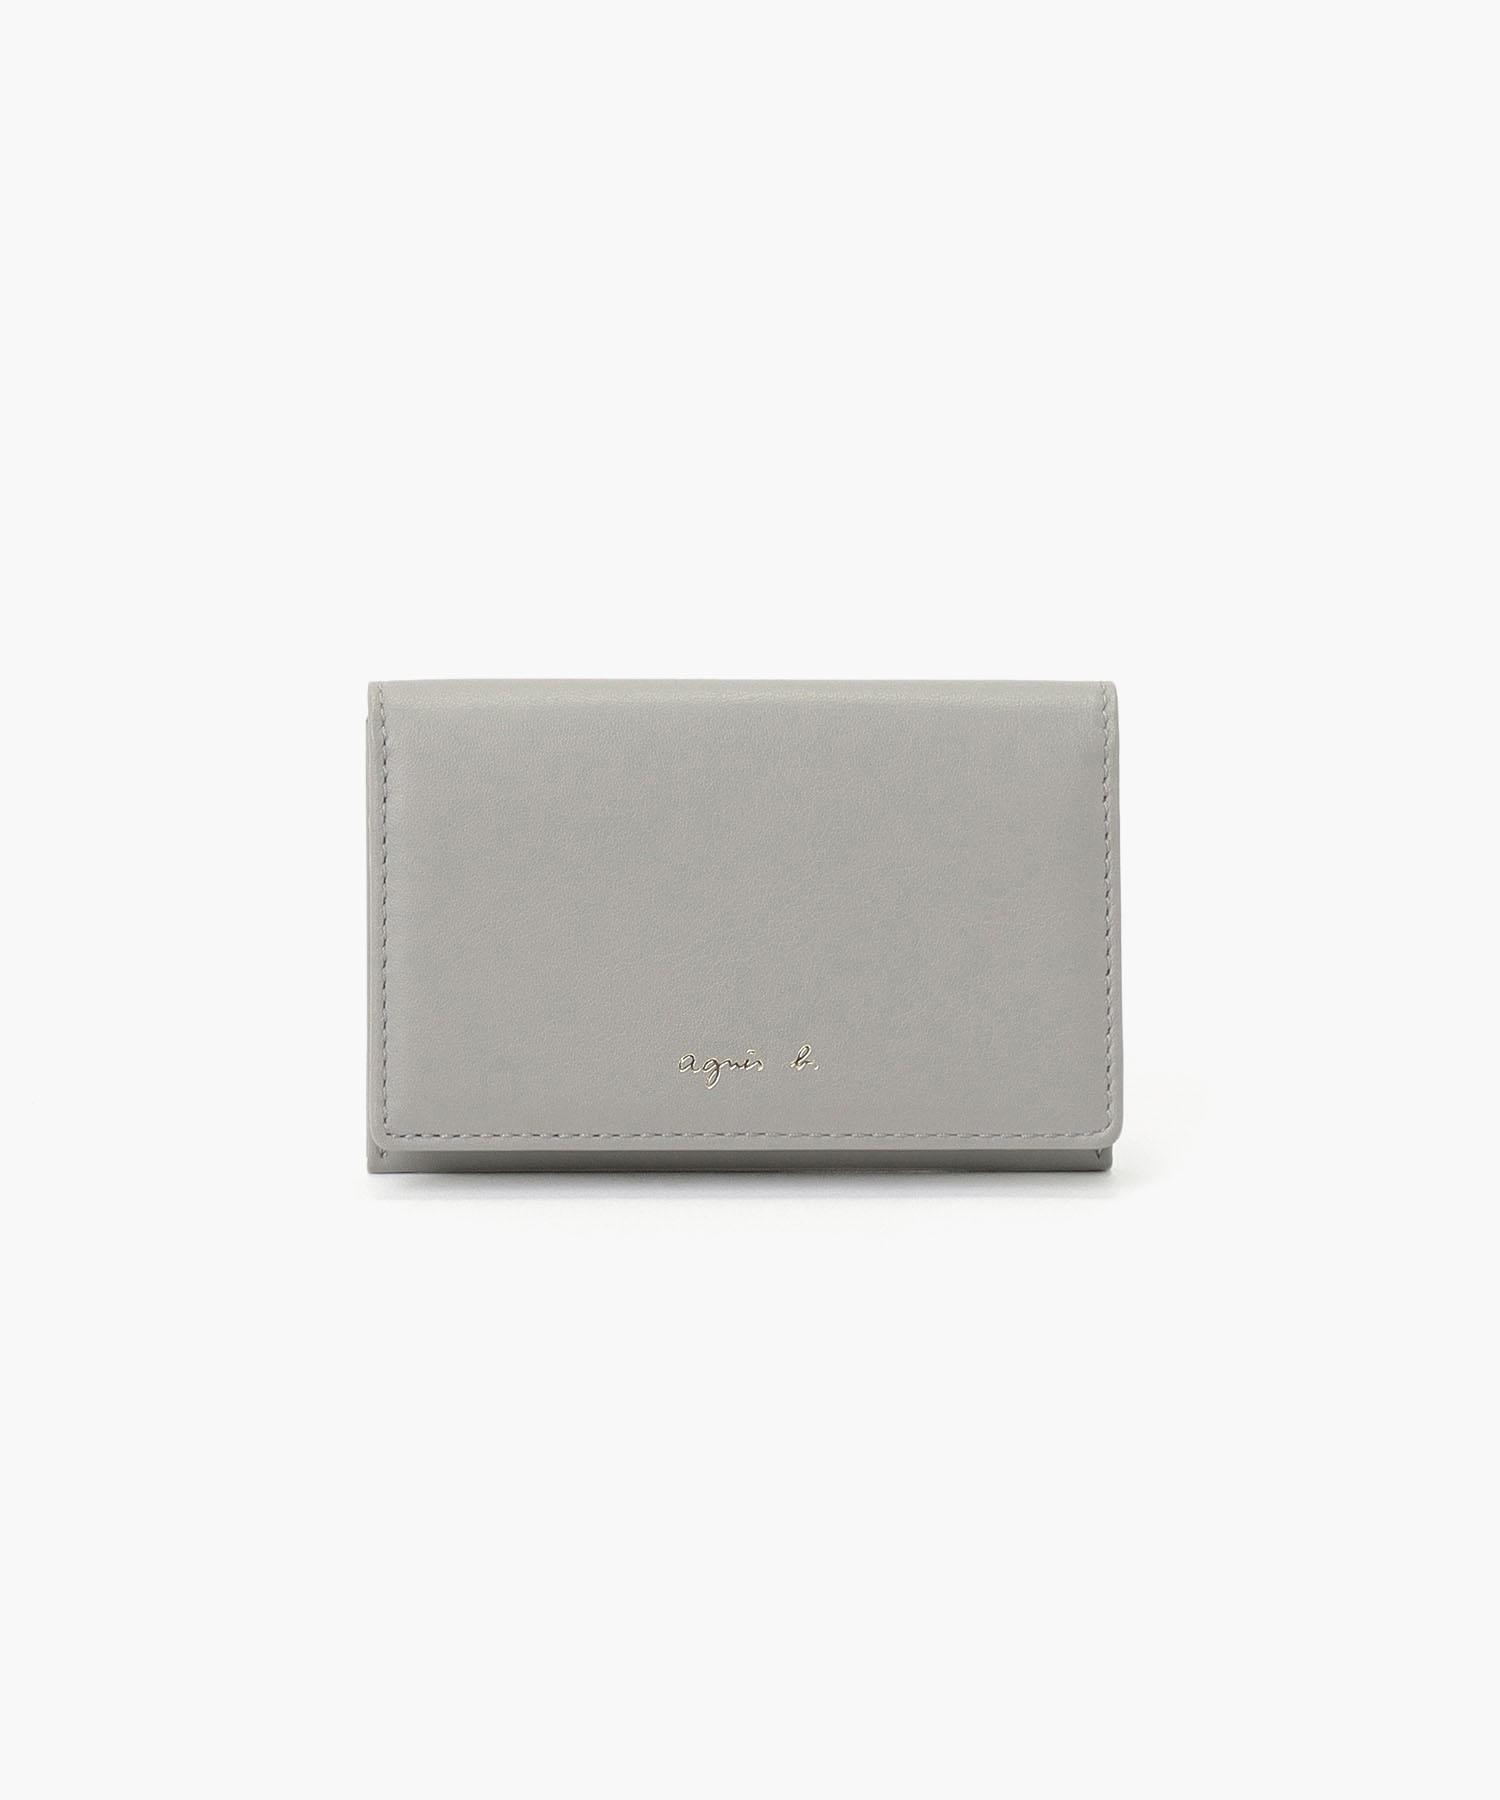 AW11C-08 カードケース